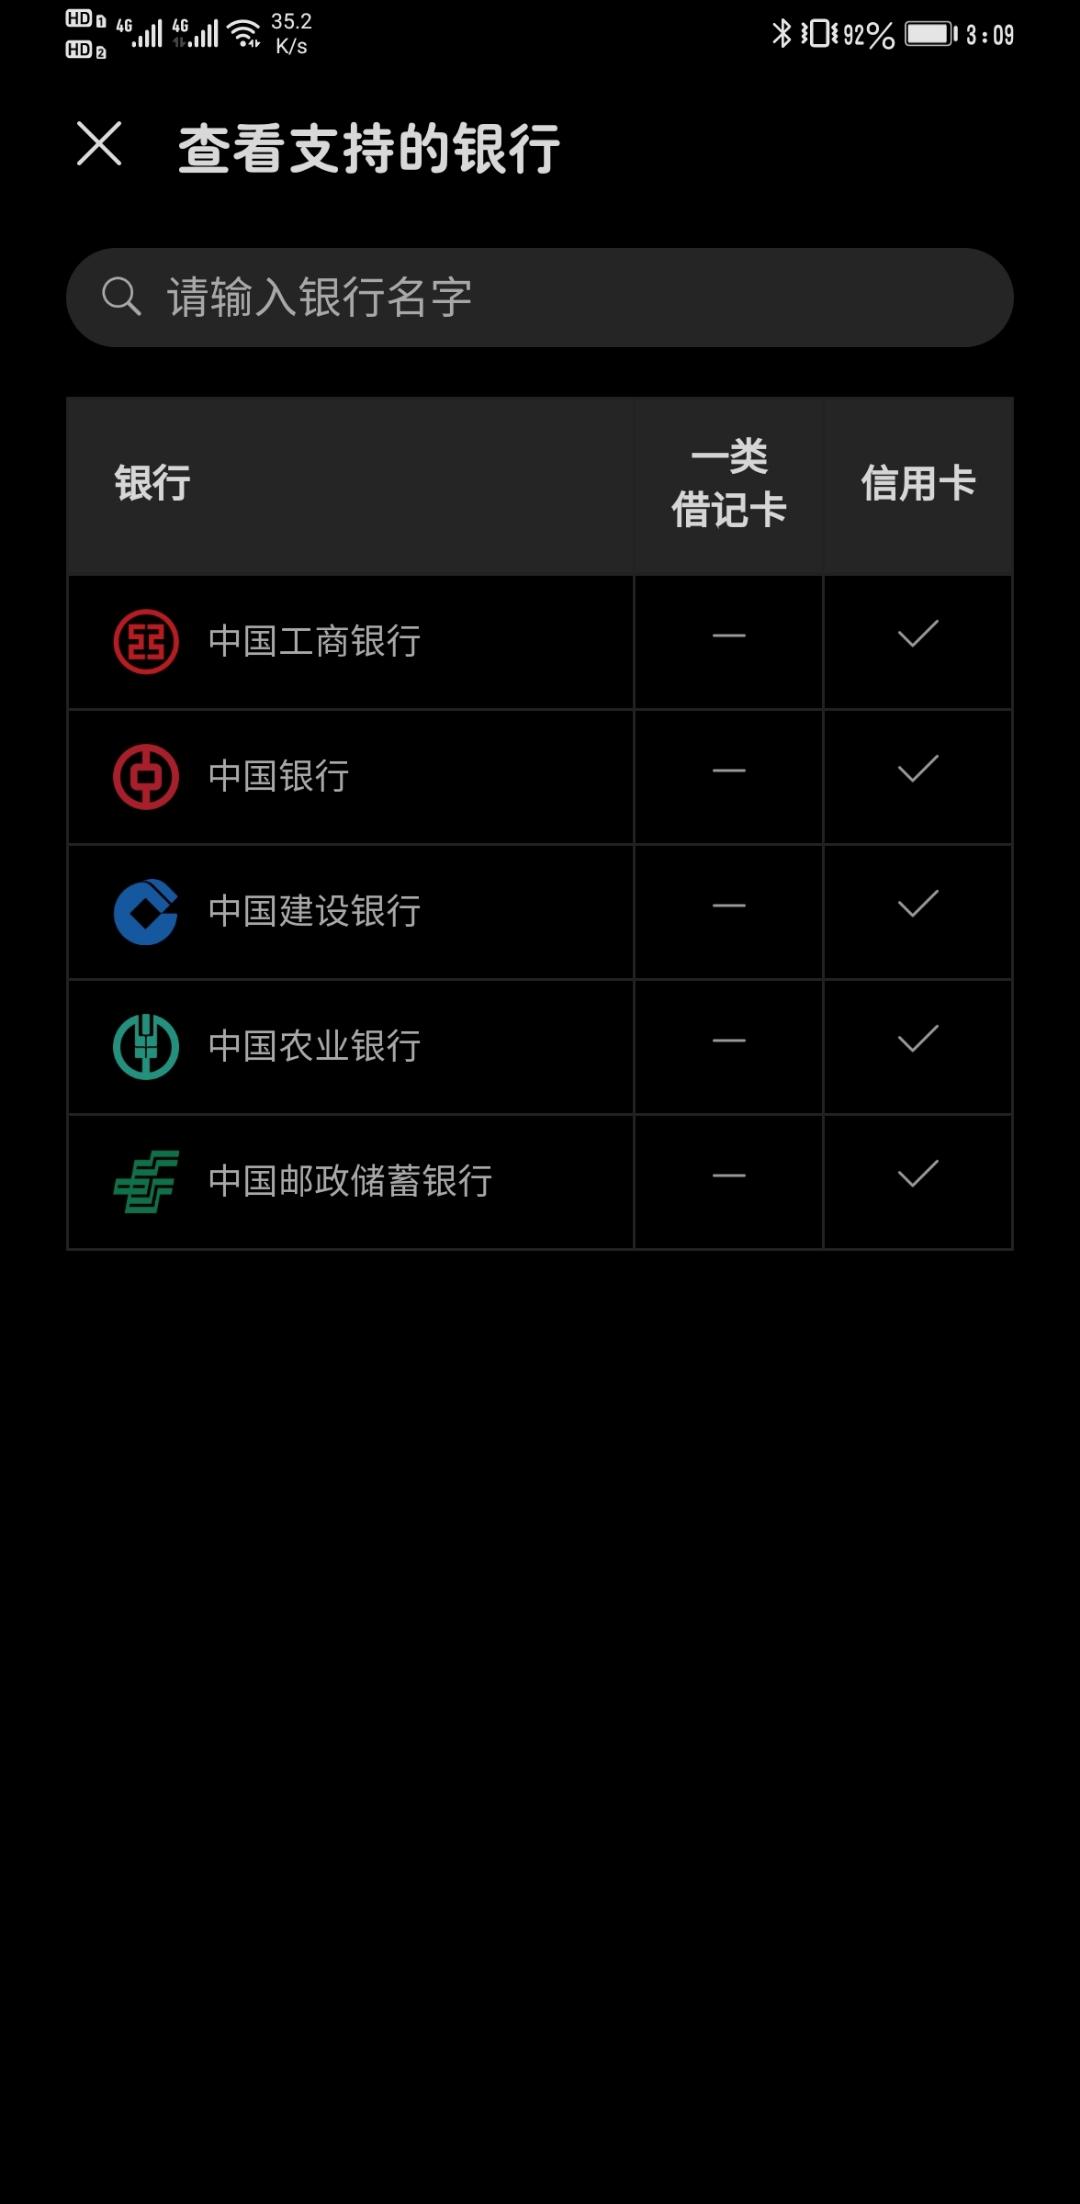 Screenshot_20210124_150929_com.huawei.wallet.jpg